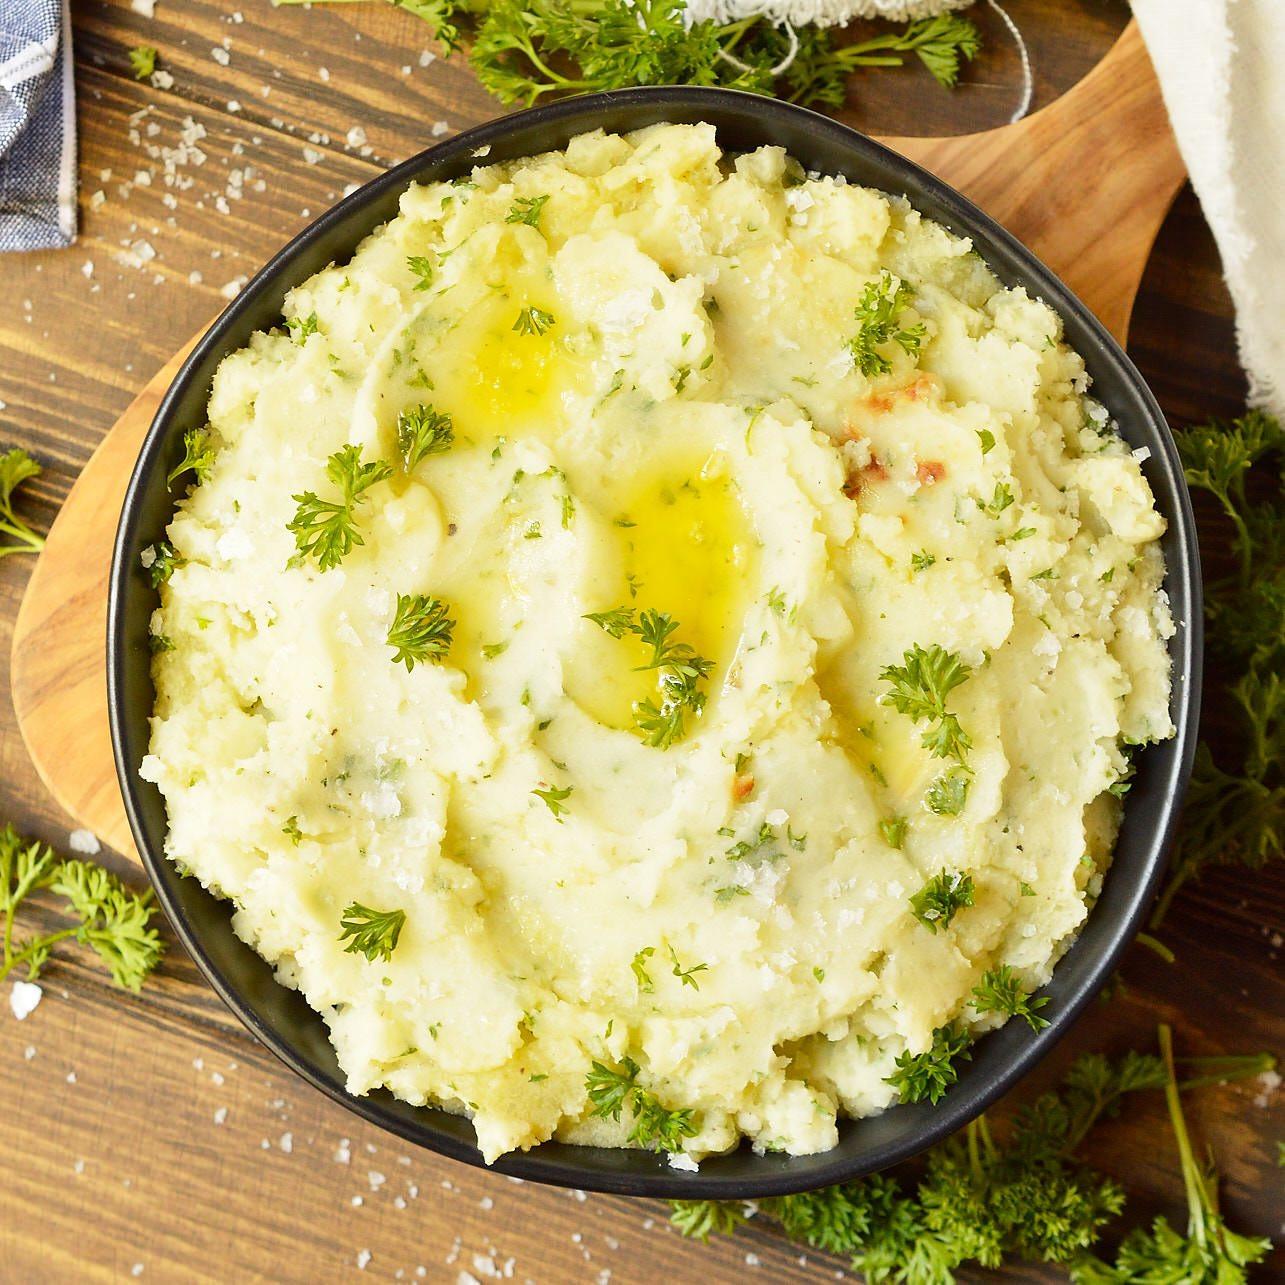 Making Mashed Potatoes  Dairy Free Garlic Mashed Potatoes Whole30 Vegan Option